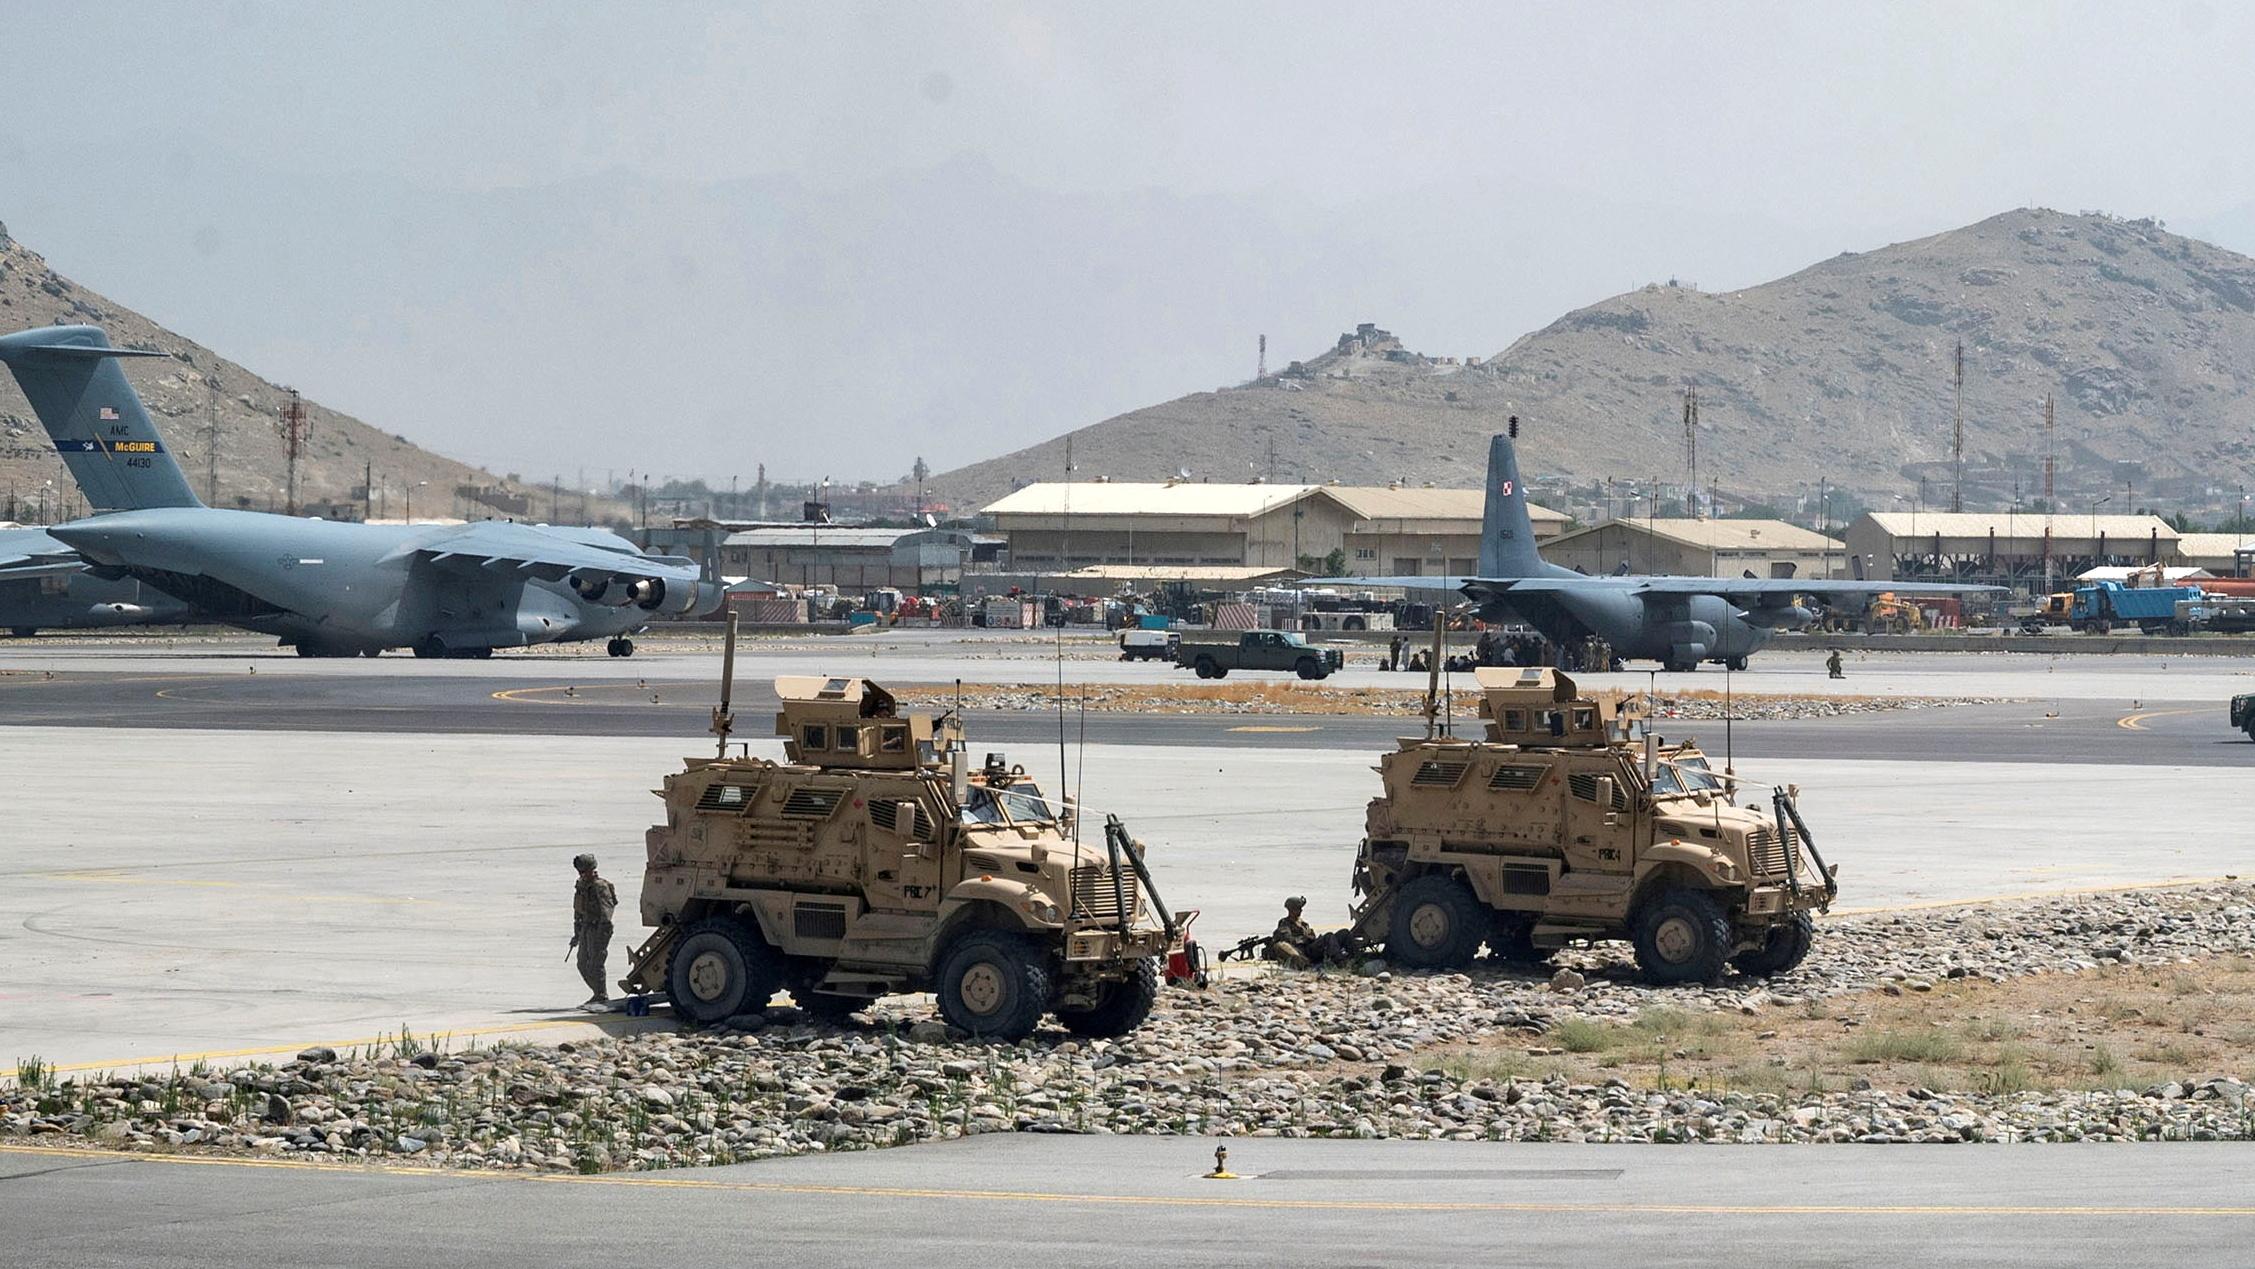 Αφγανιστάν: Δύο μέλη του ISIS – K σκοτώθηκαν σε επιχείρηση των ΗΠΑ